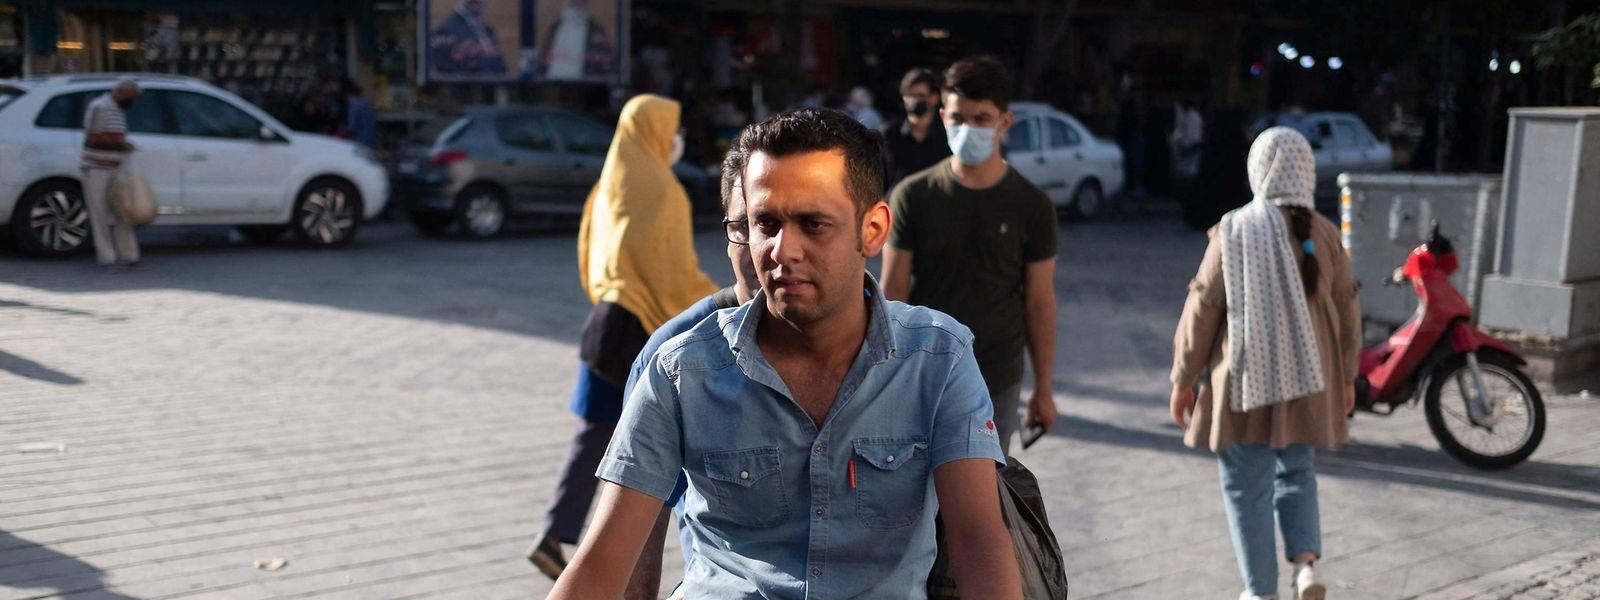 Die iranische Bevölkerung dürfte die Präsidentenwahl als das durchschauen, was sie ist: eine Farce.